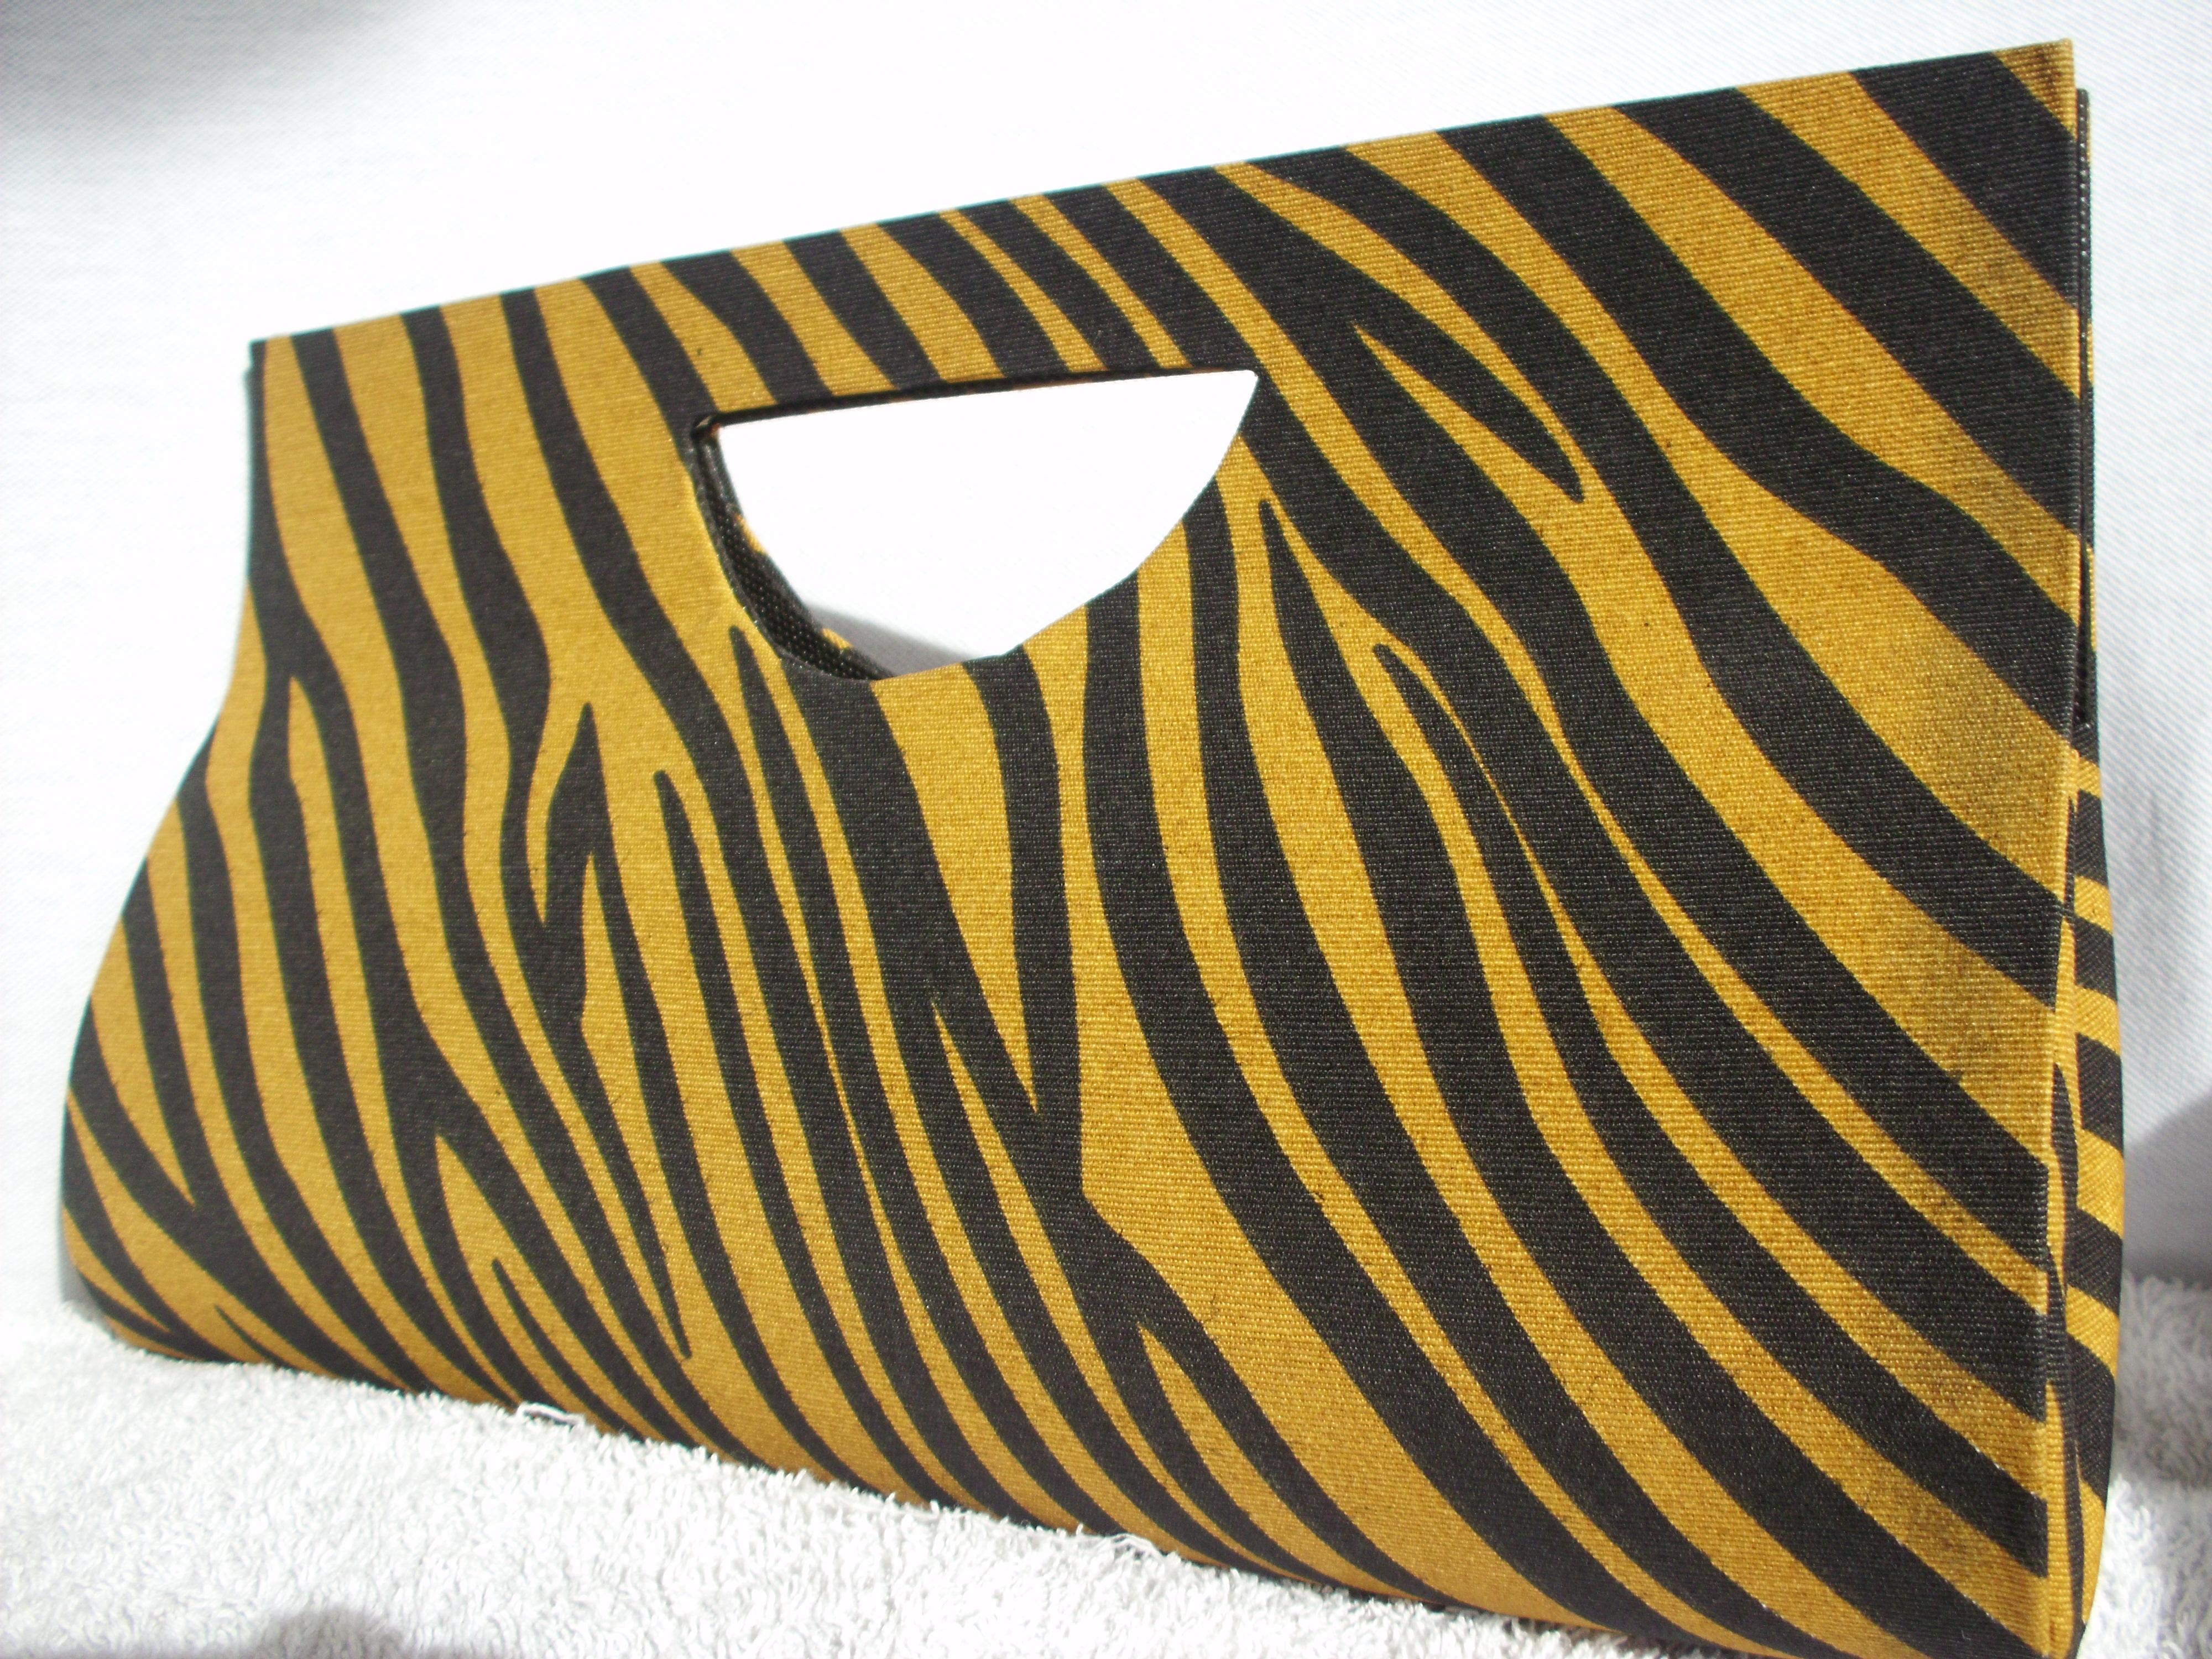 Bolsa De Mão De Juta : Bolsa de m?o tiger lemon elo